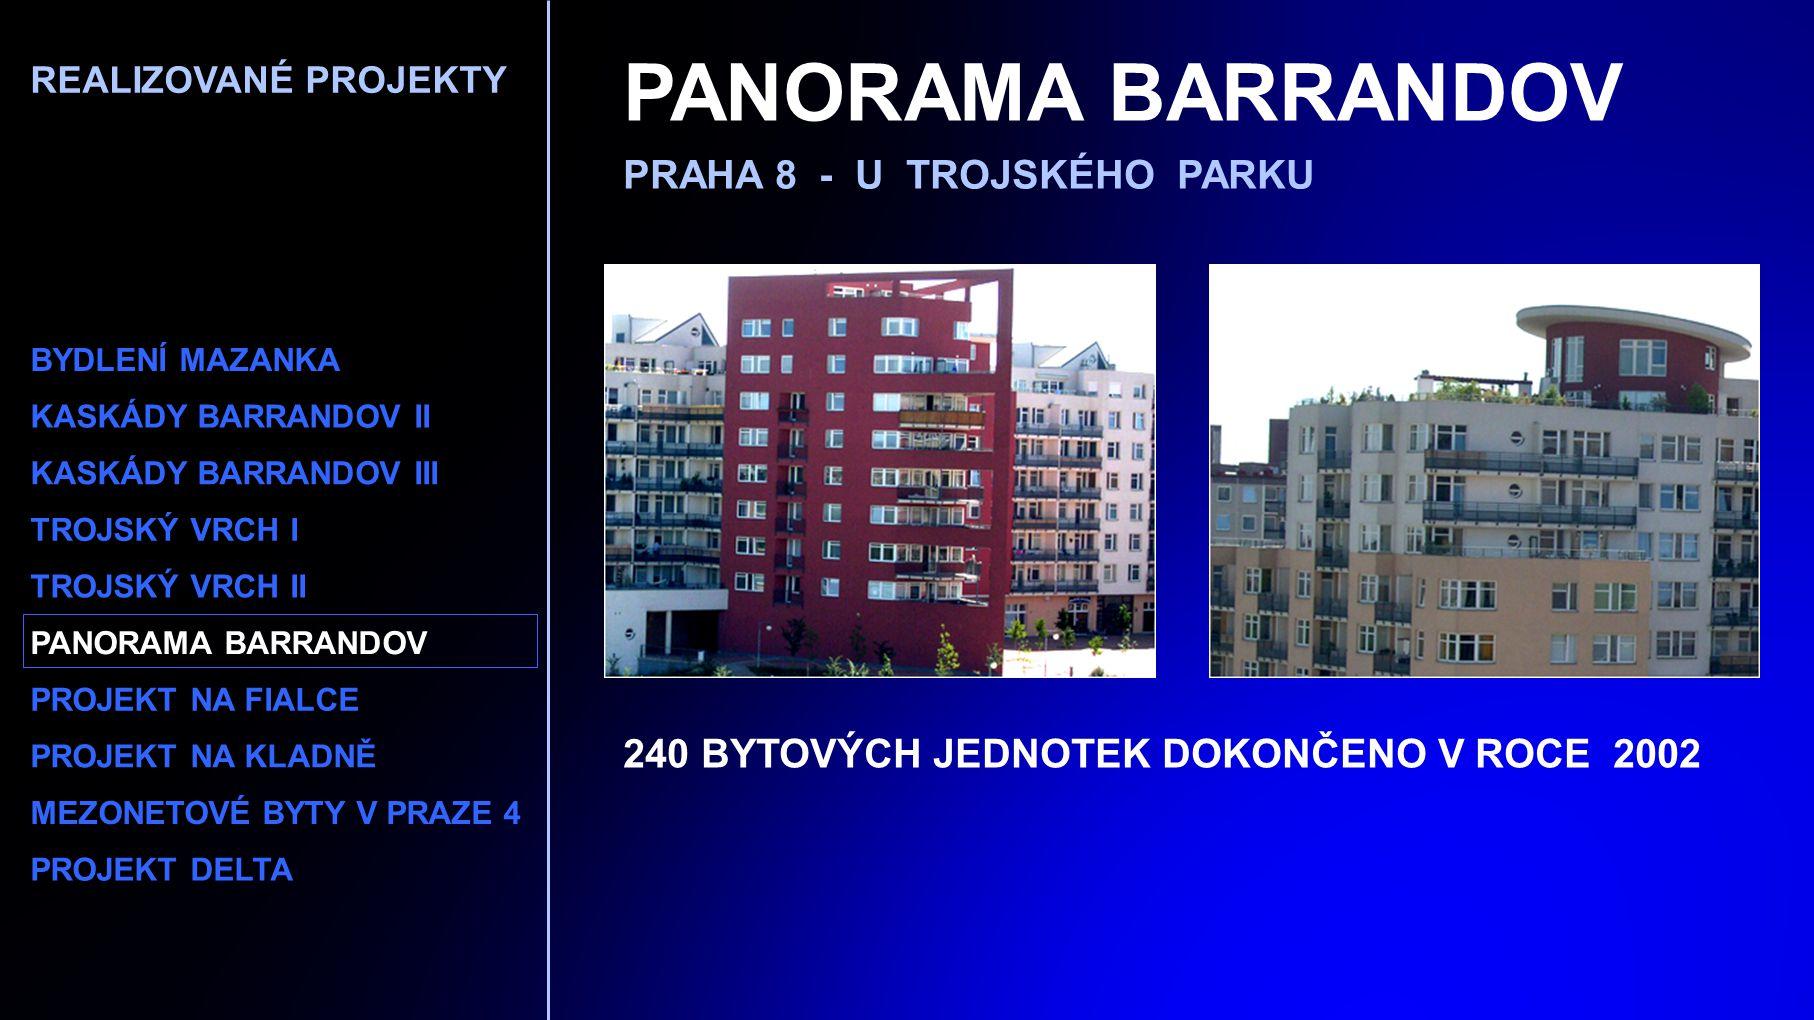 PANORAMA BARRANDOV PRAHA 8 - U TROJSKÉHO PARKU